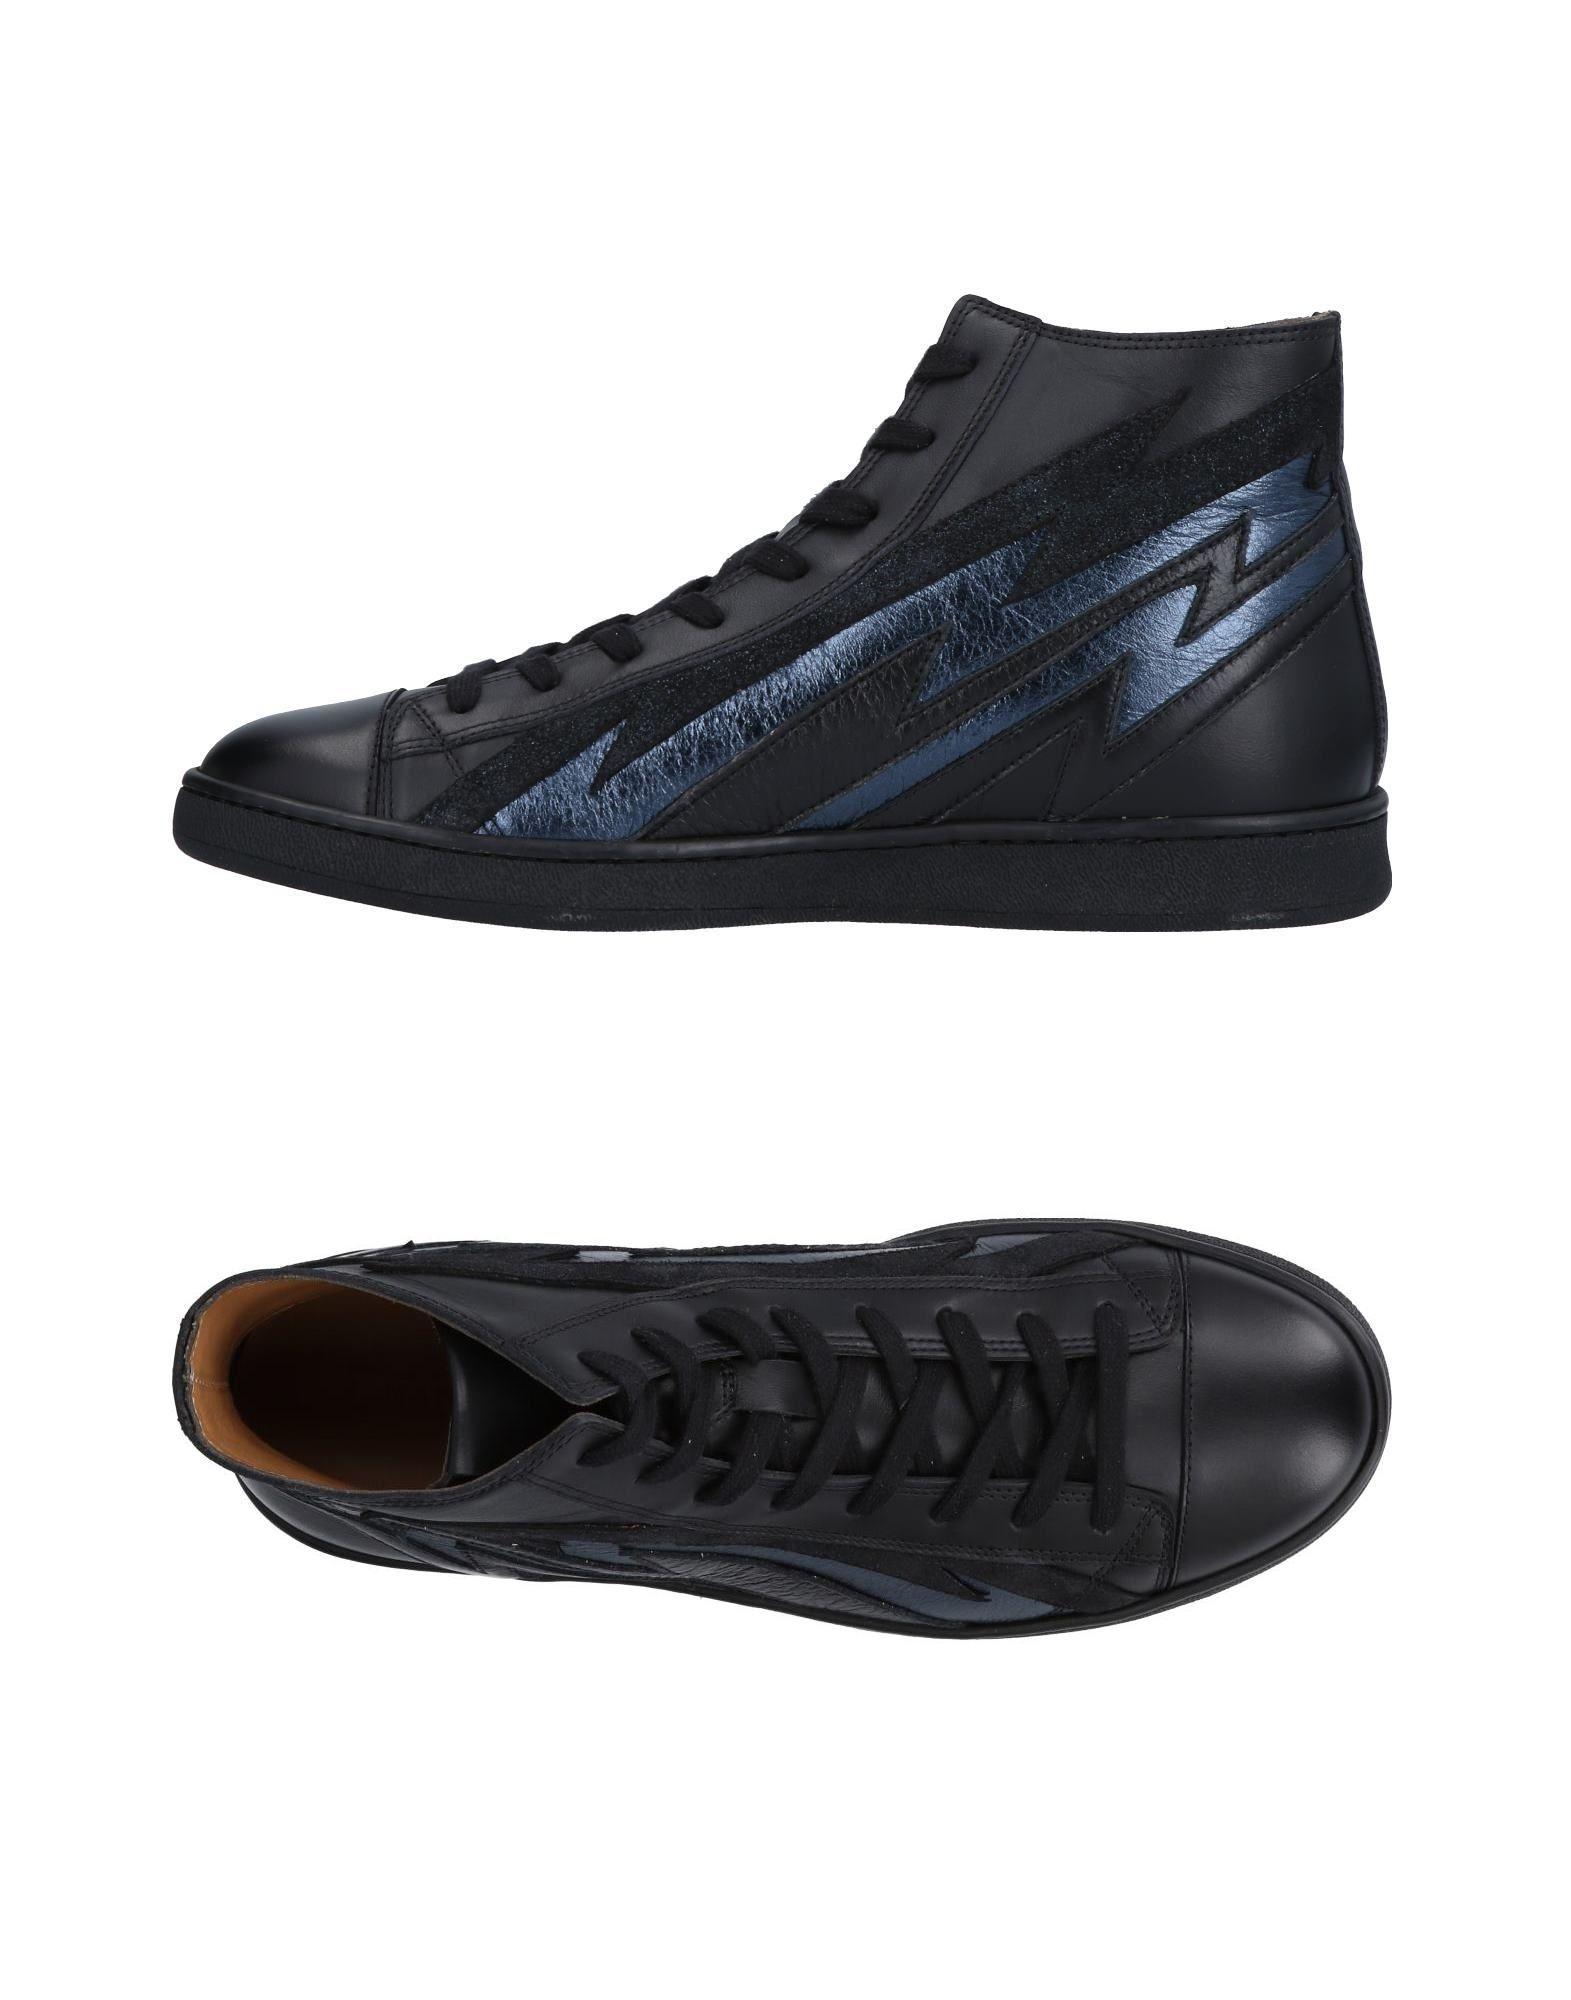 Marc Jacobs Sneakers Herren  11492878UA Gute Qualität beliebte Schuhe